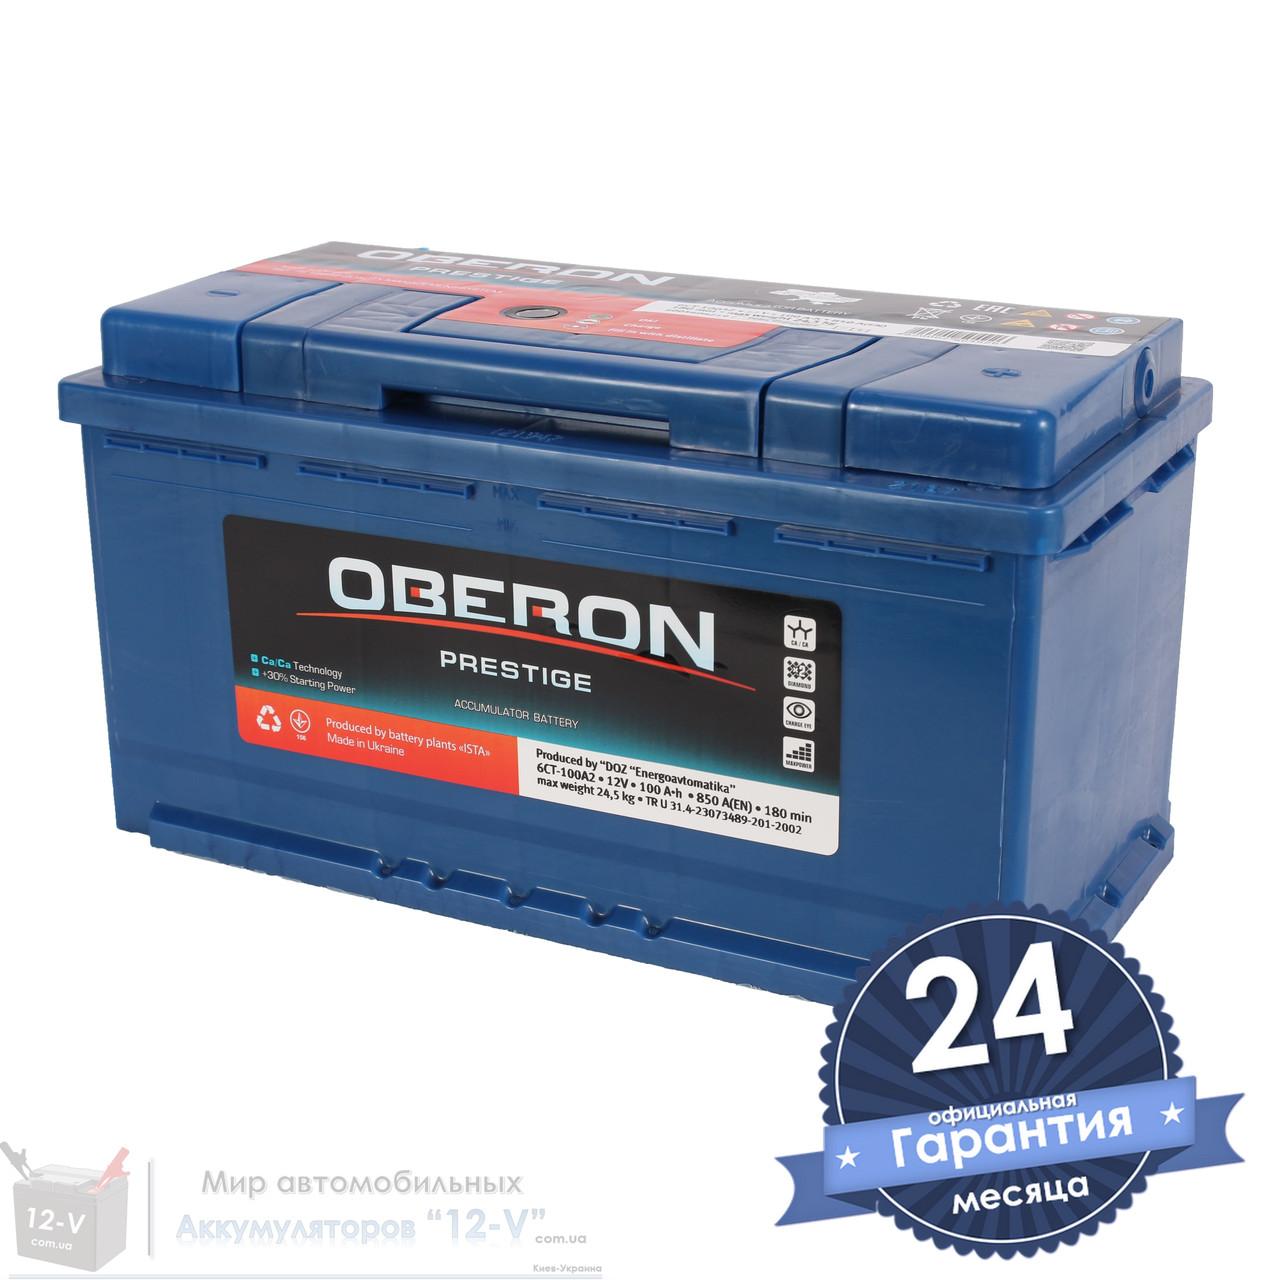 Аккумулятор автомобильный OBERON Prestige 6CT 100Ah, пусковой ток 850А [– +]